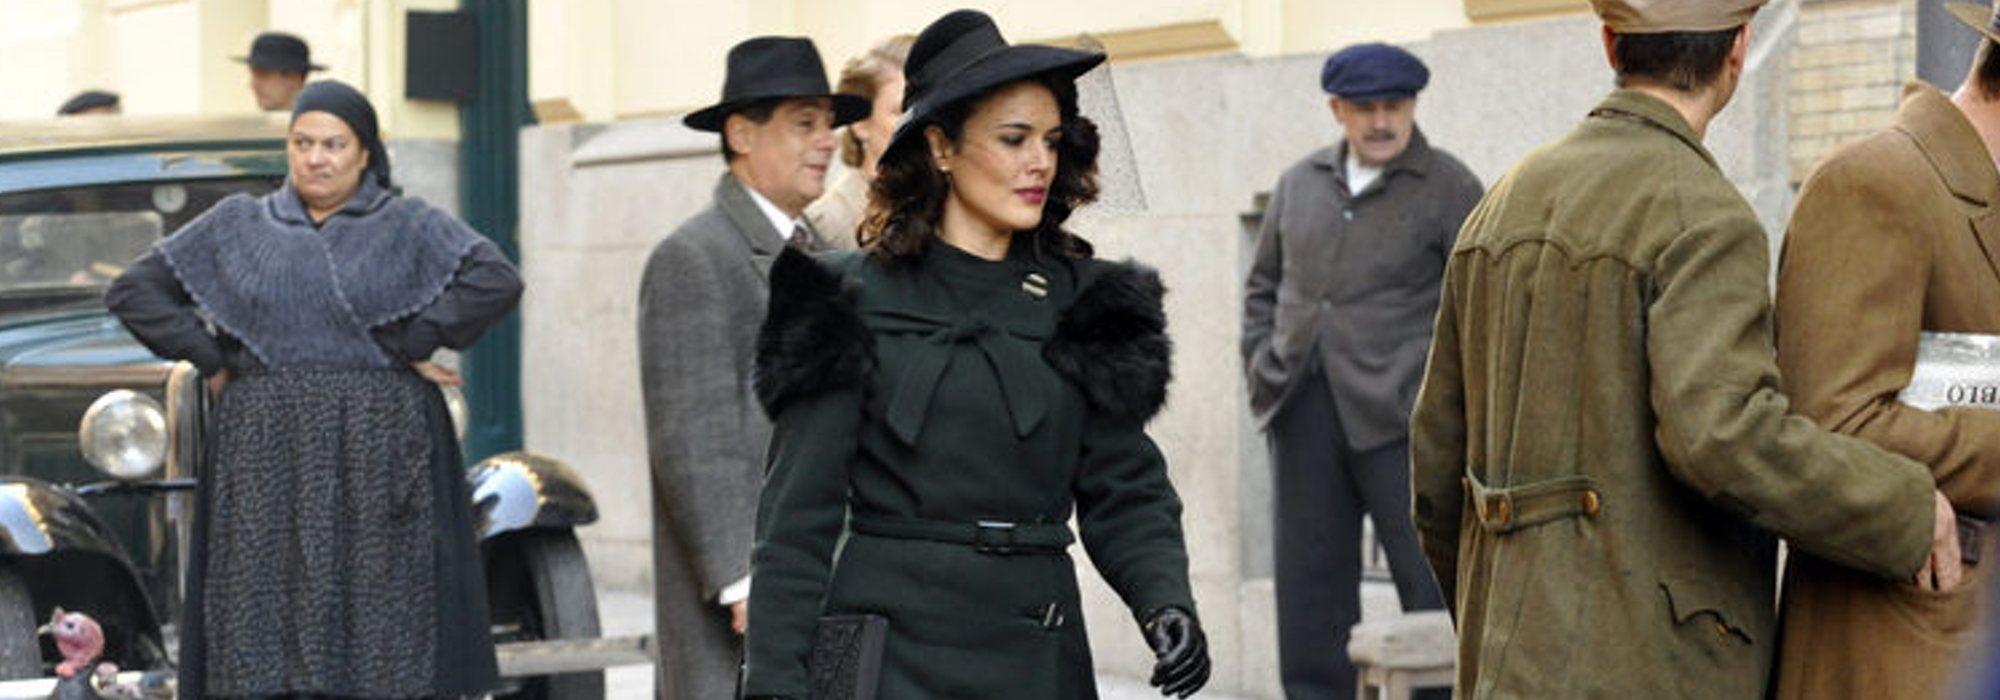 Localizaciones míticas de series en Madrid capital: De 'La Casa de Papel' a 'El Ministerio del Tiempo'